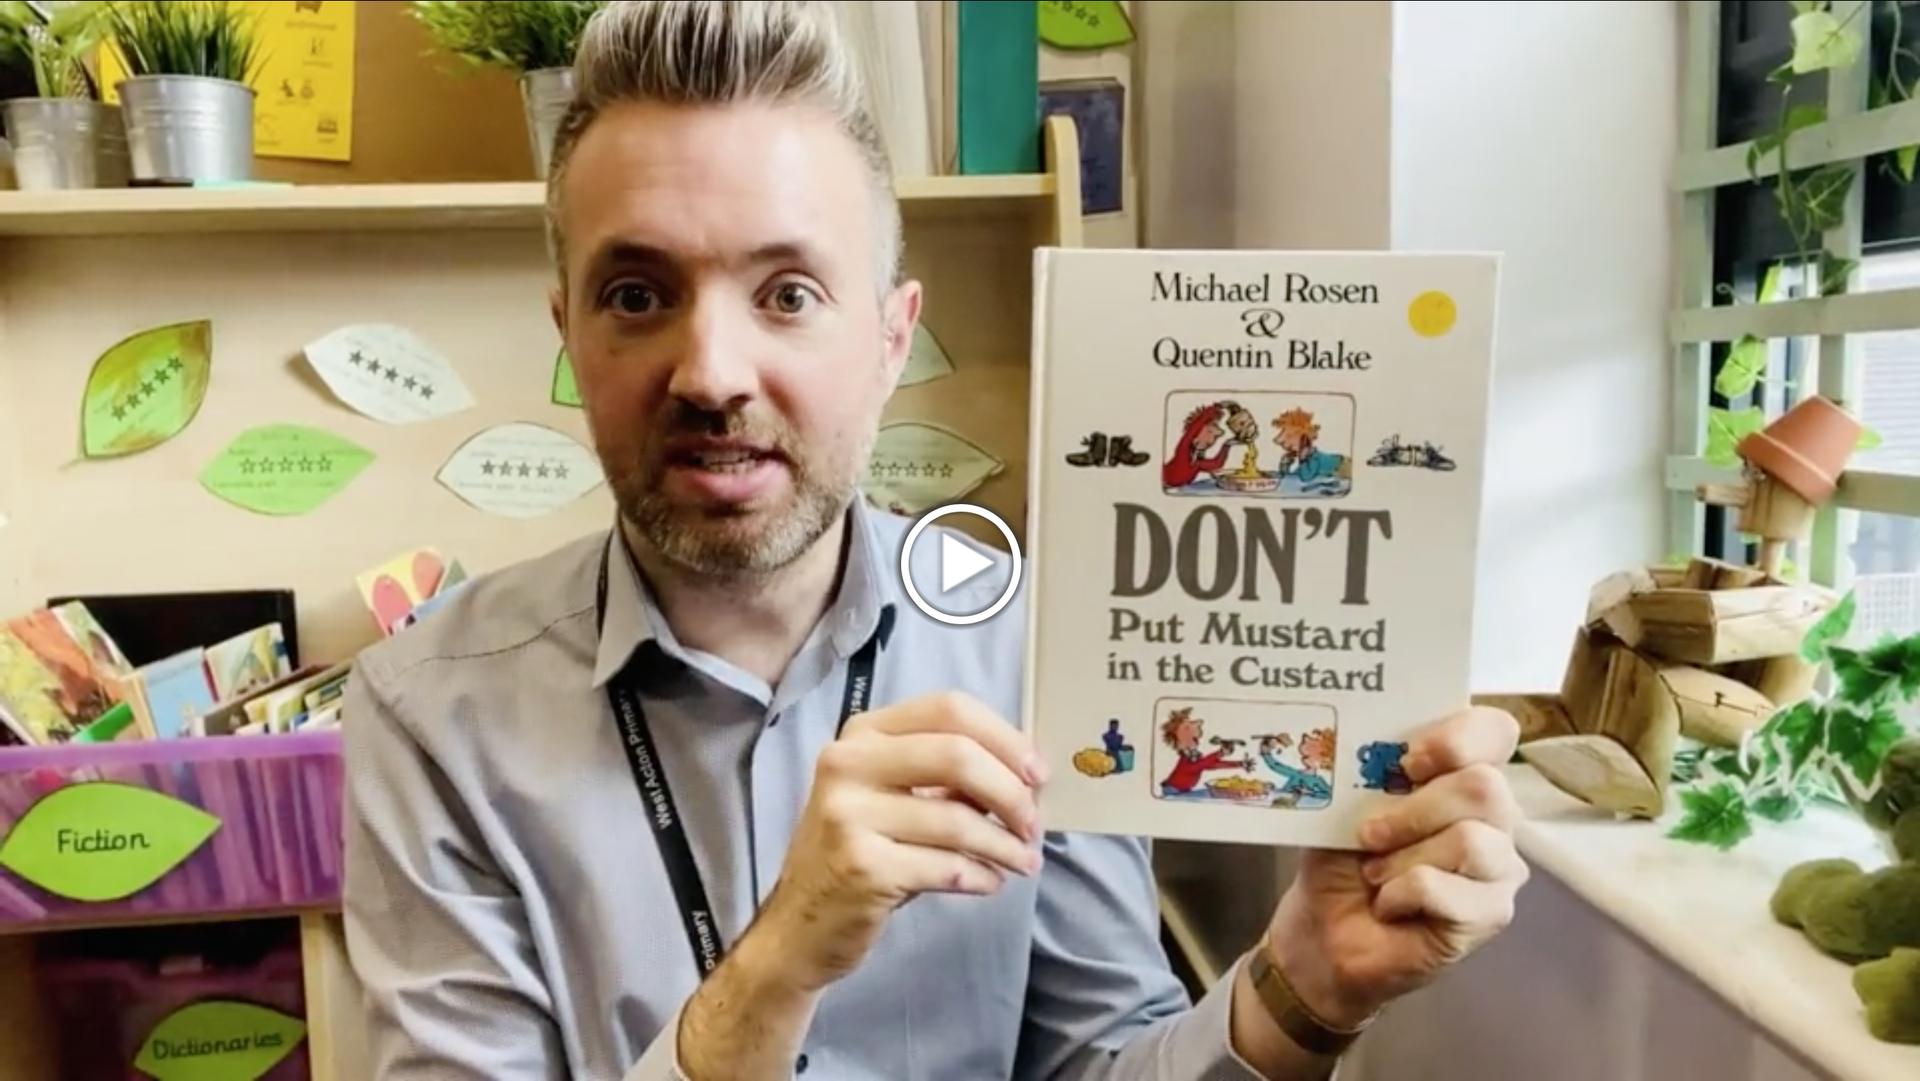 Don't Put Mustard in the Custard